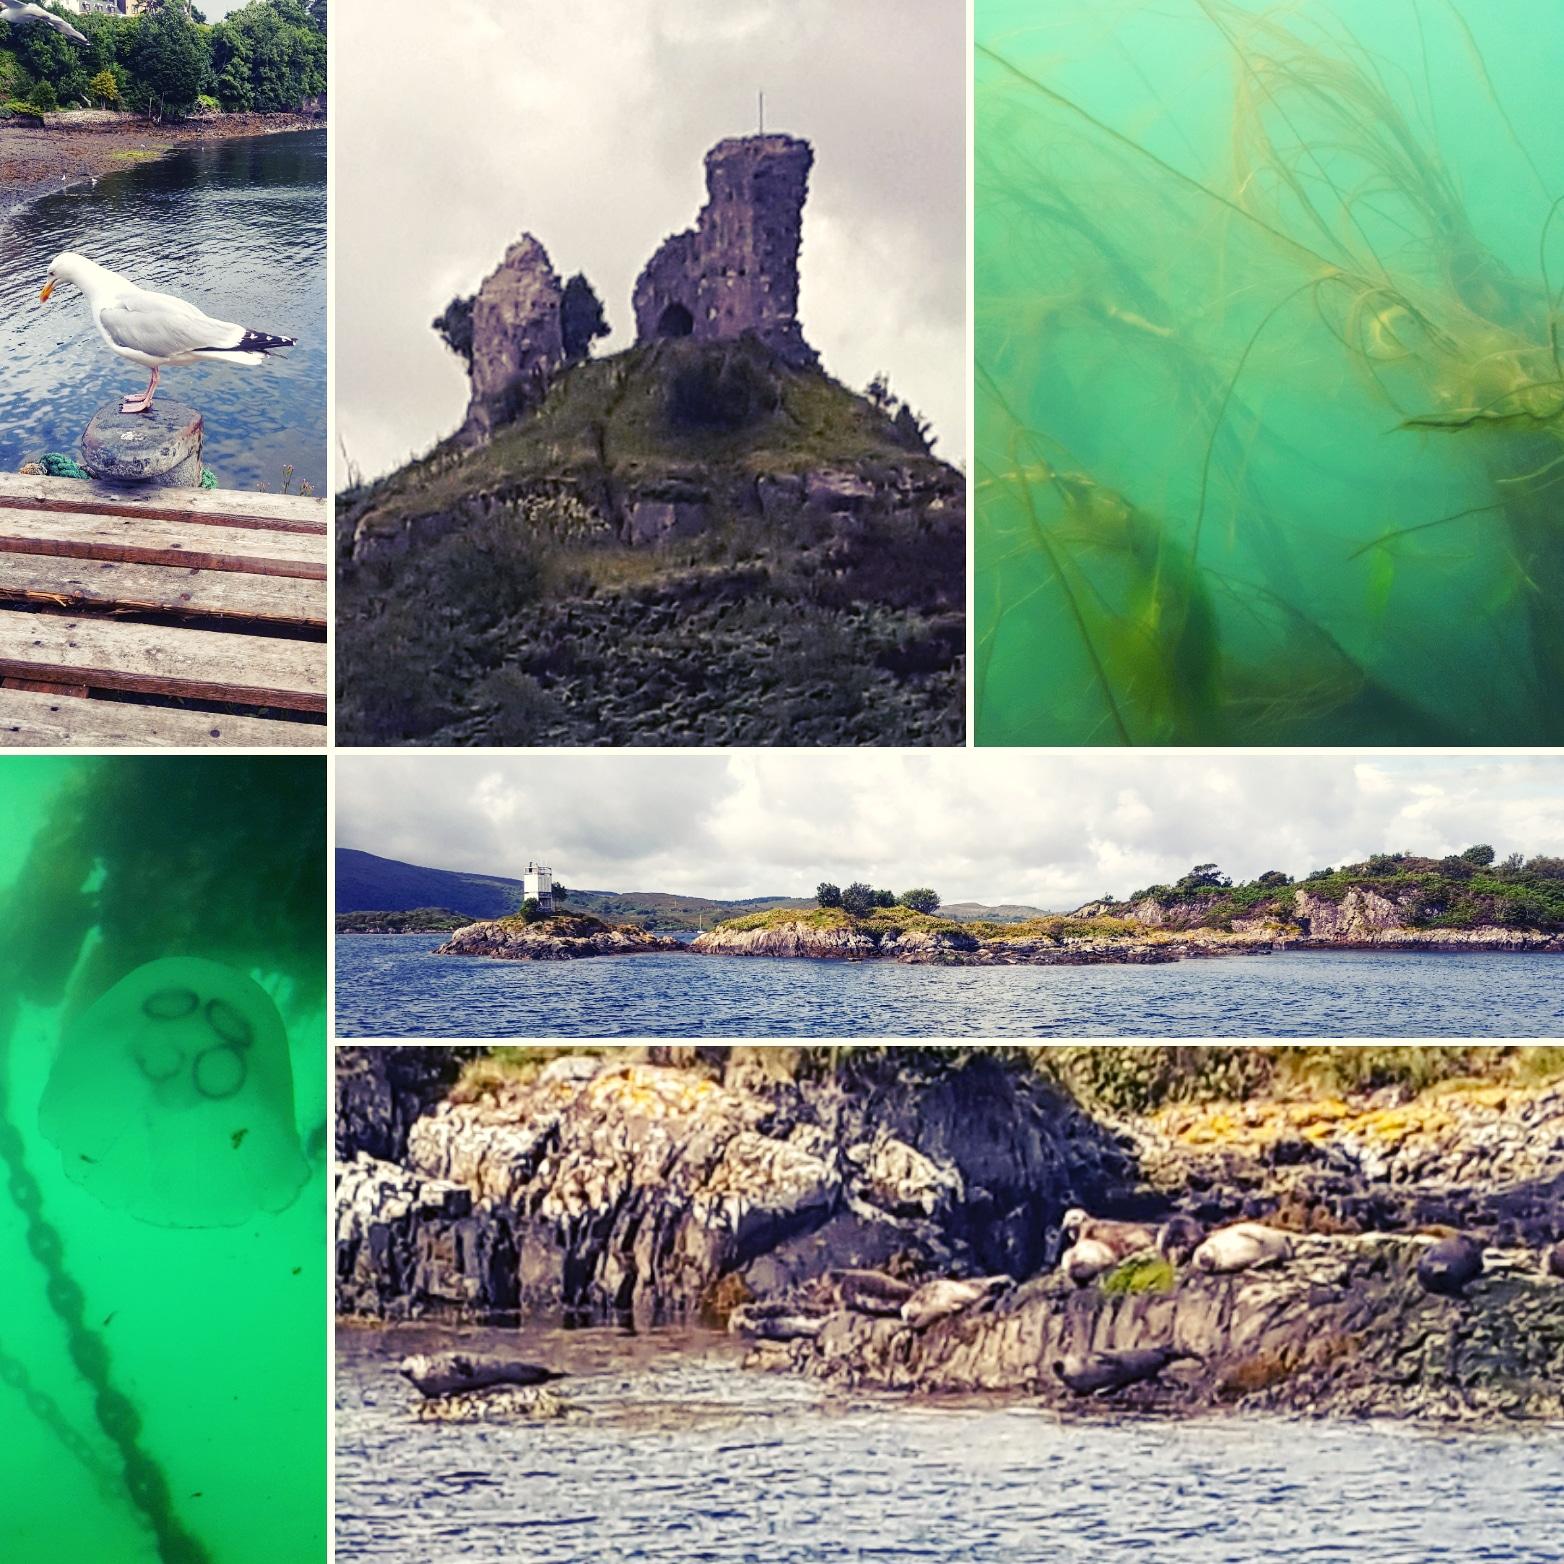 Portree, Kyleakin, Underwater and seals in Kyle of Lochalsh - The Last Krystallos